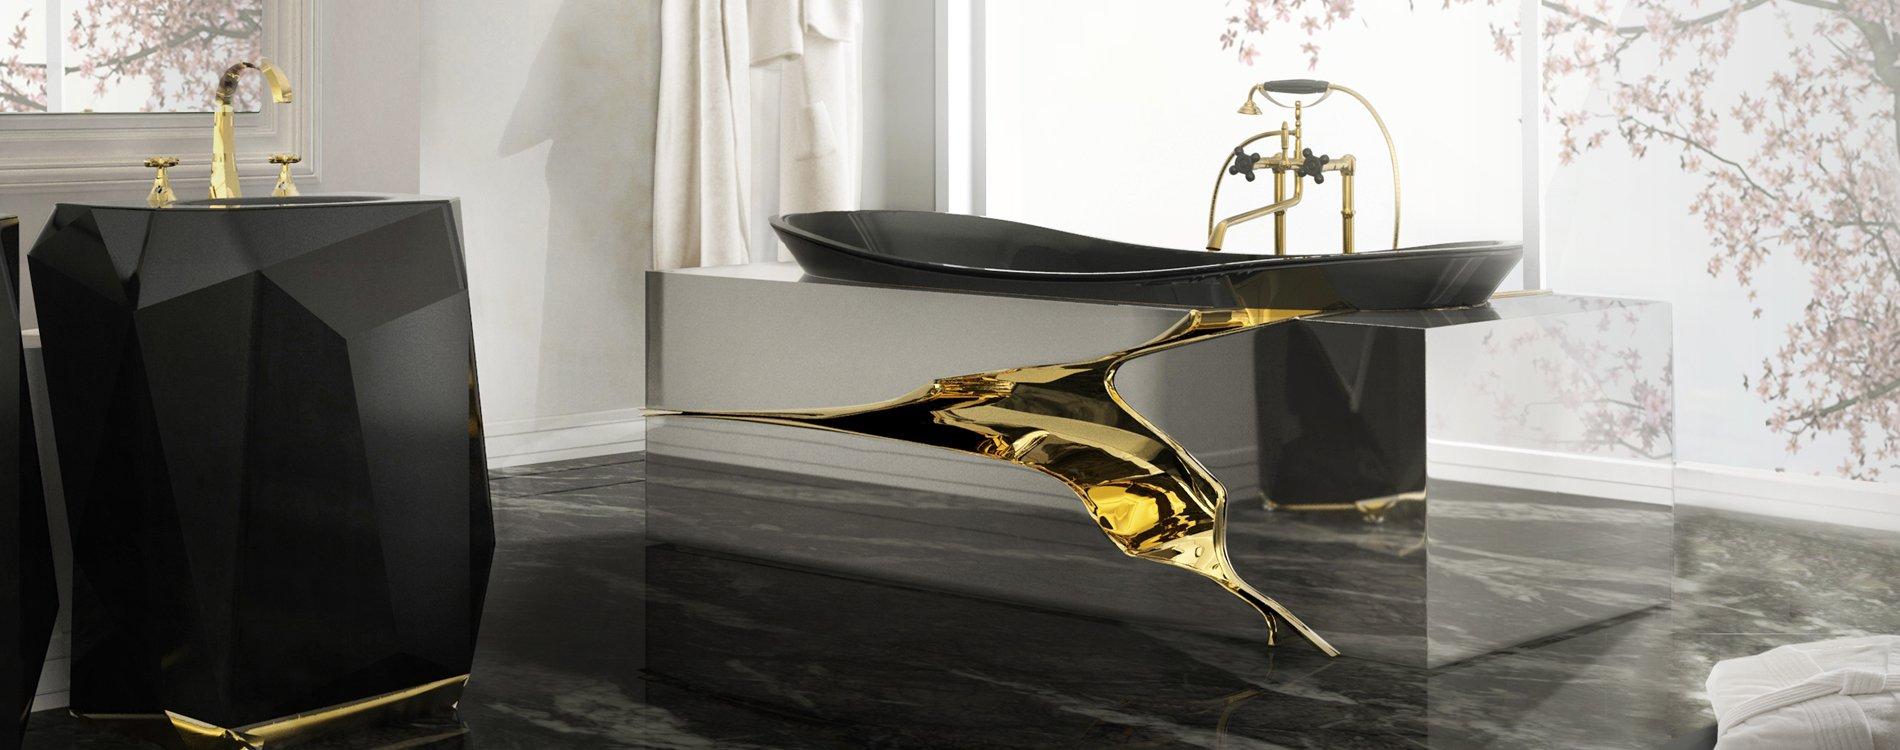 Maison Valentina, diseño y lujo en tu baño